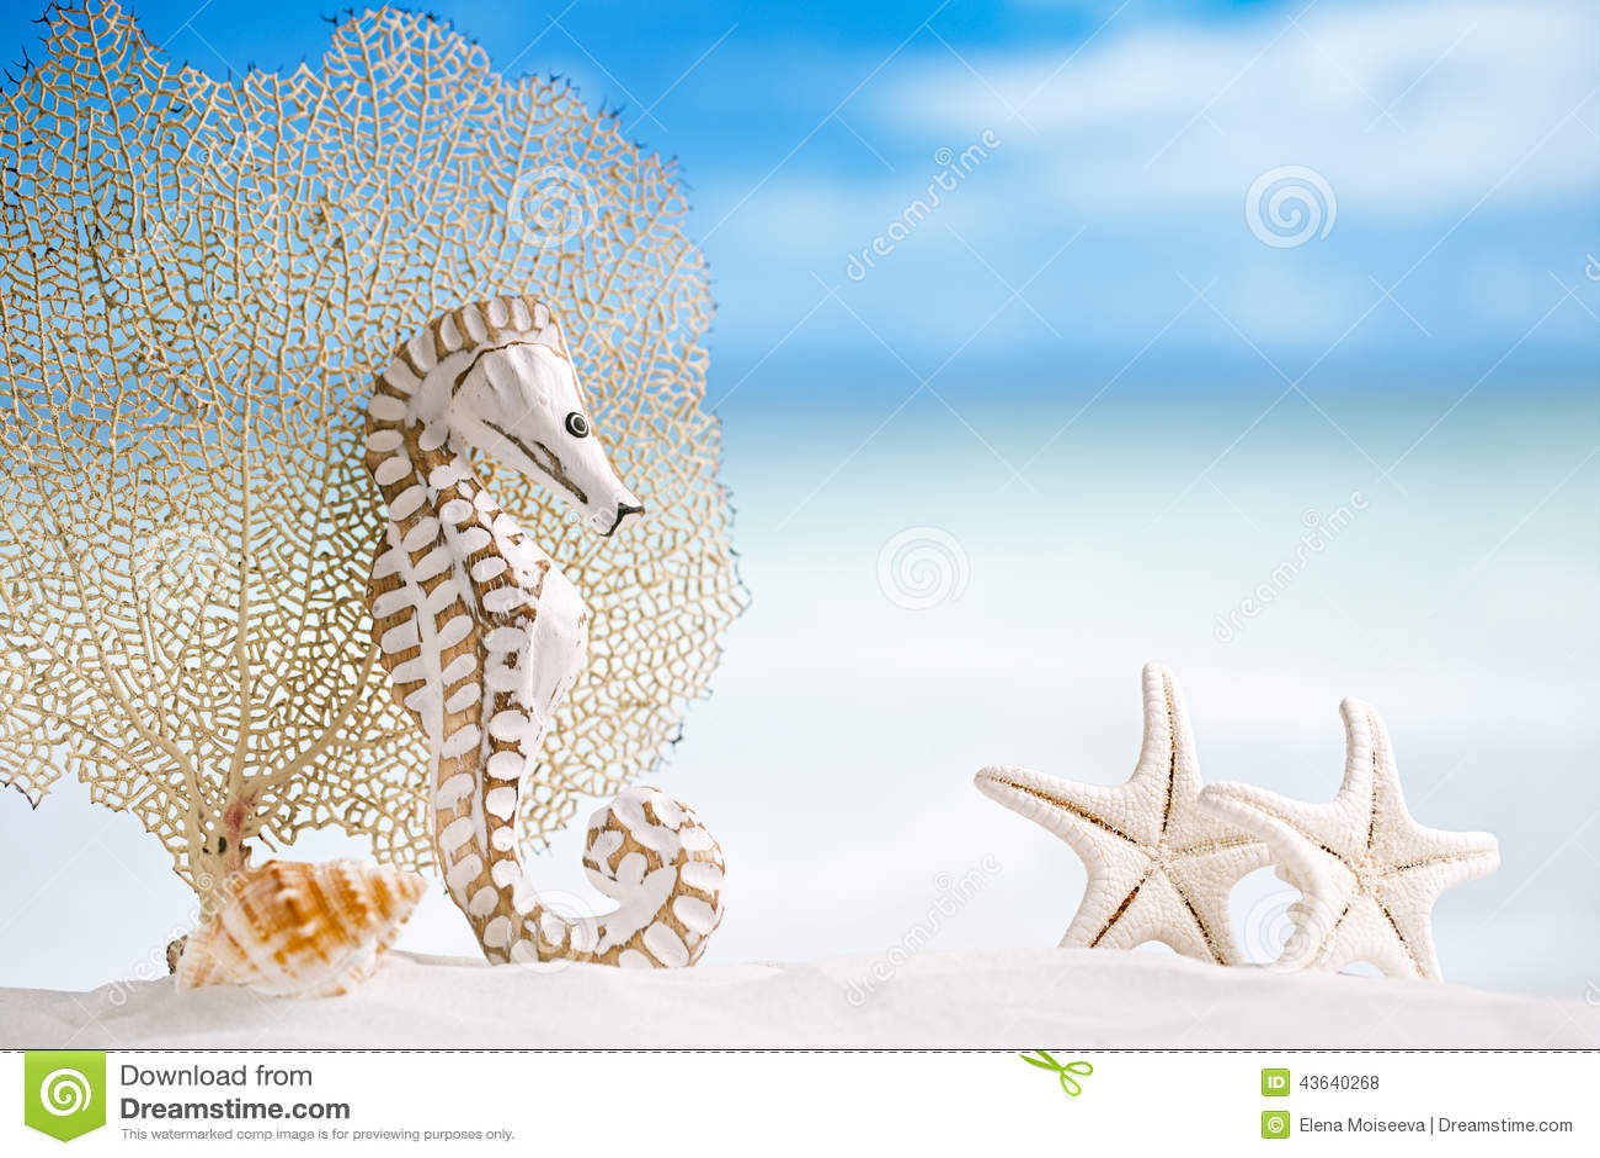 Pine cones starfish 93